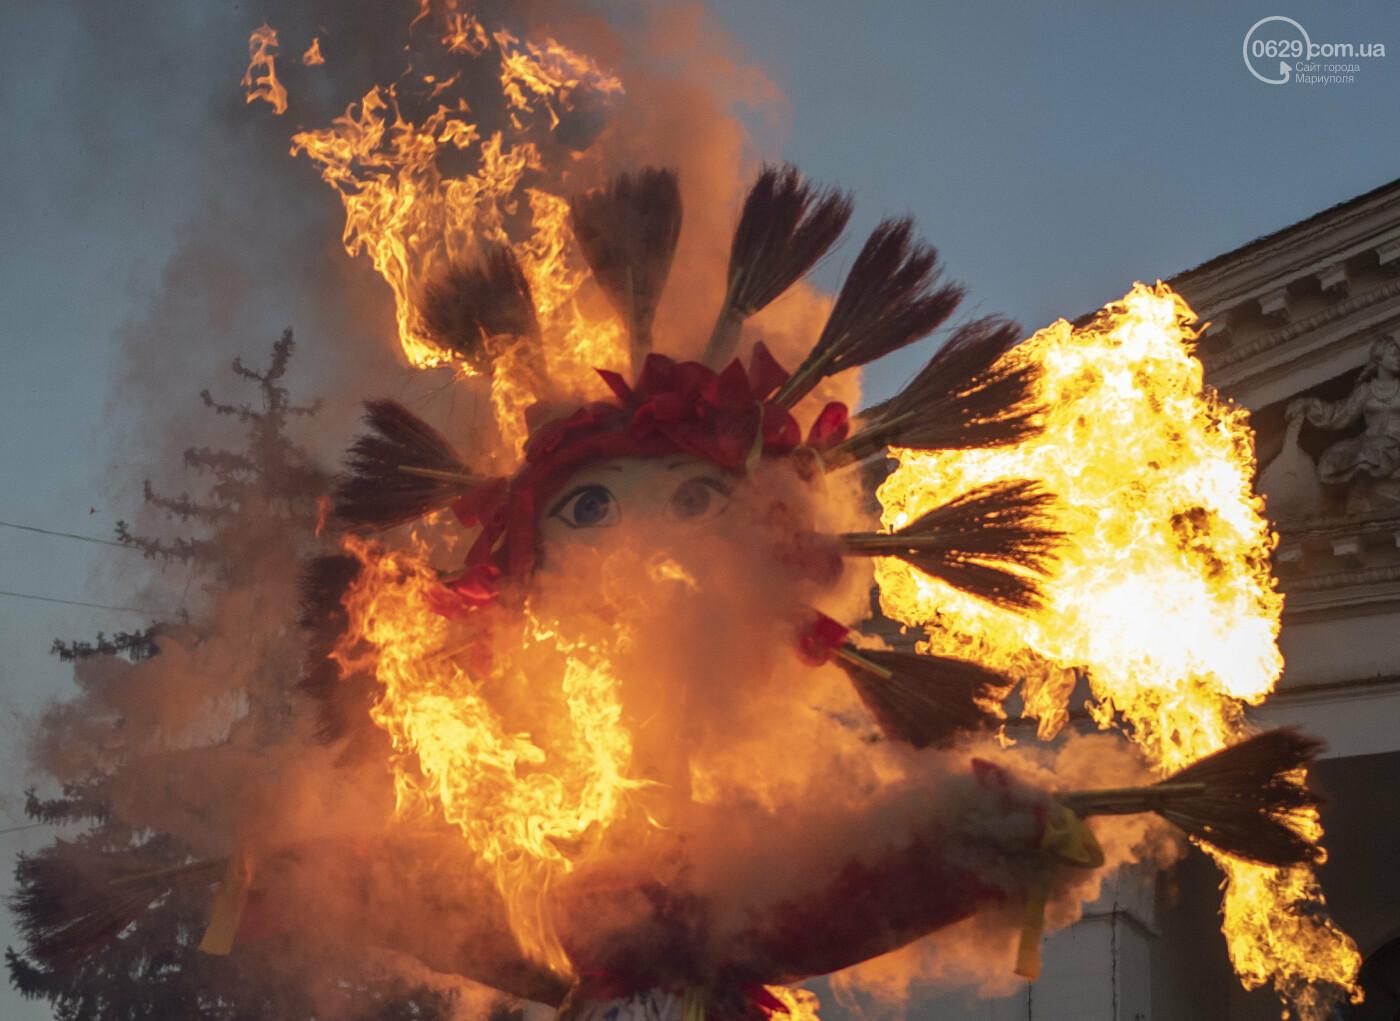 Магия огня, традиции и алкогольные шахматы. ФОТОРЕПОРТАЖ с празднования Масленицы в Мариуполе, фото-22